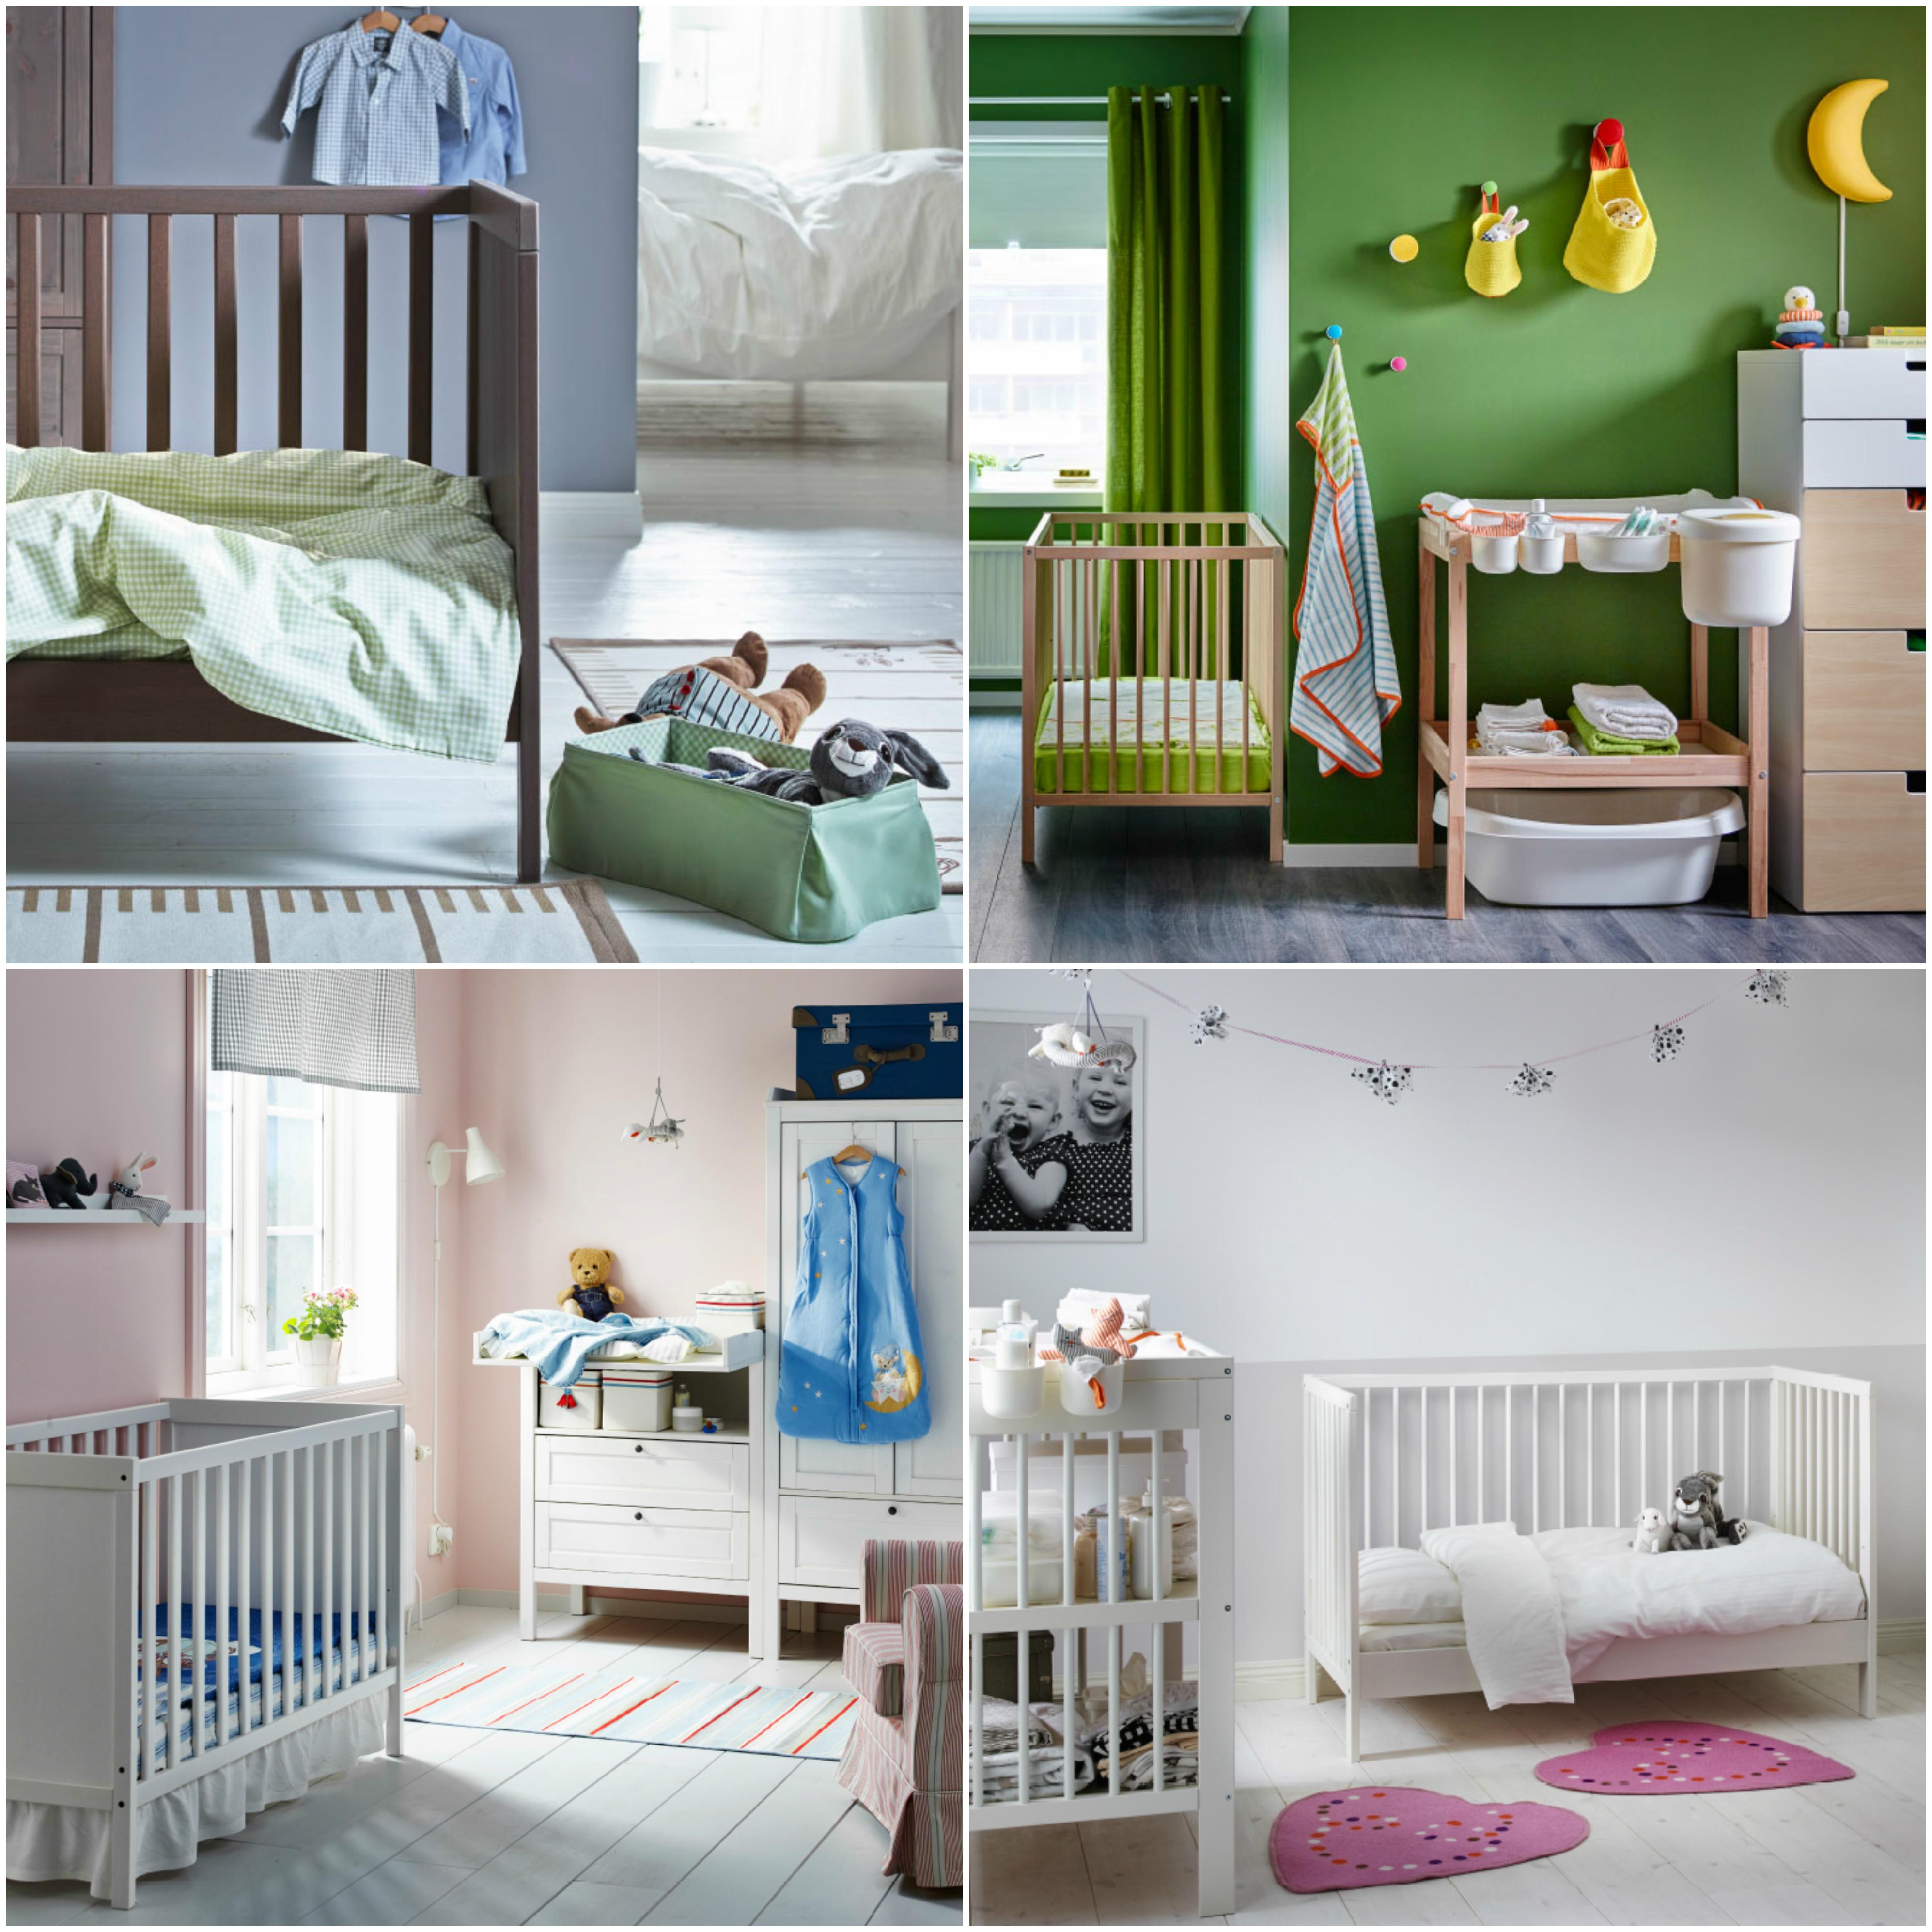 Habitaciones infantiles baratas: ideas para ahorrar en decoración ...